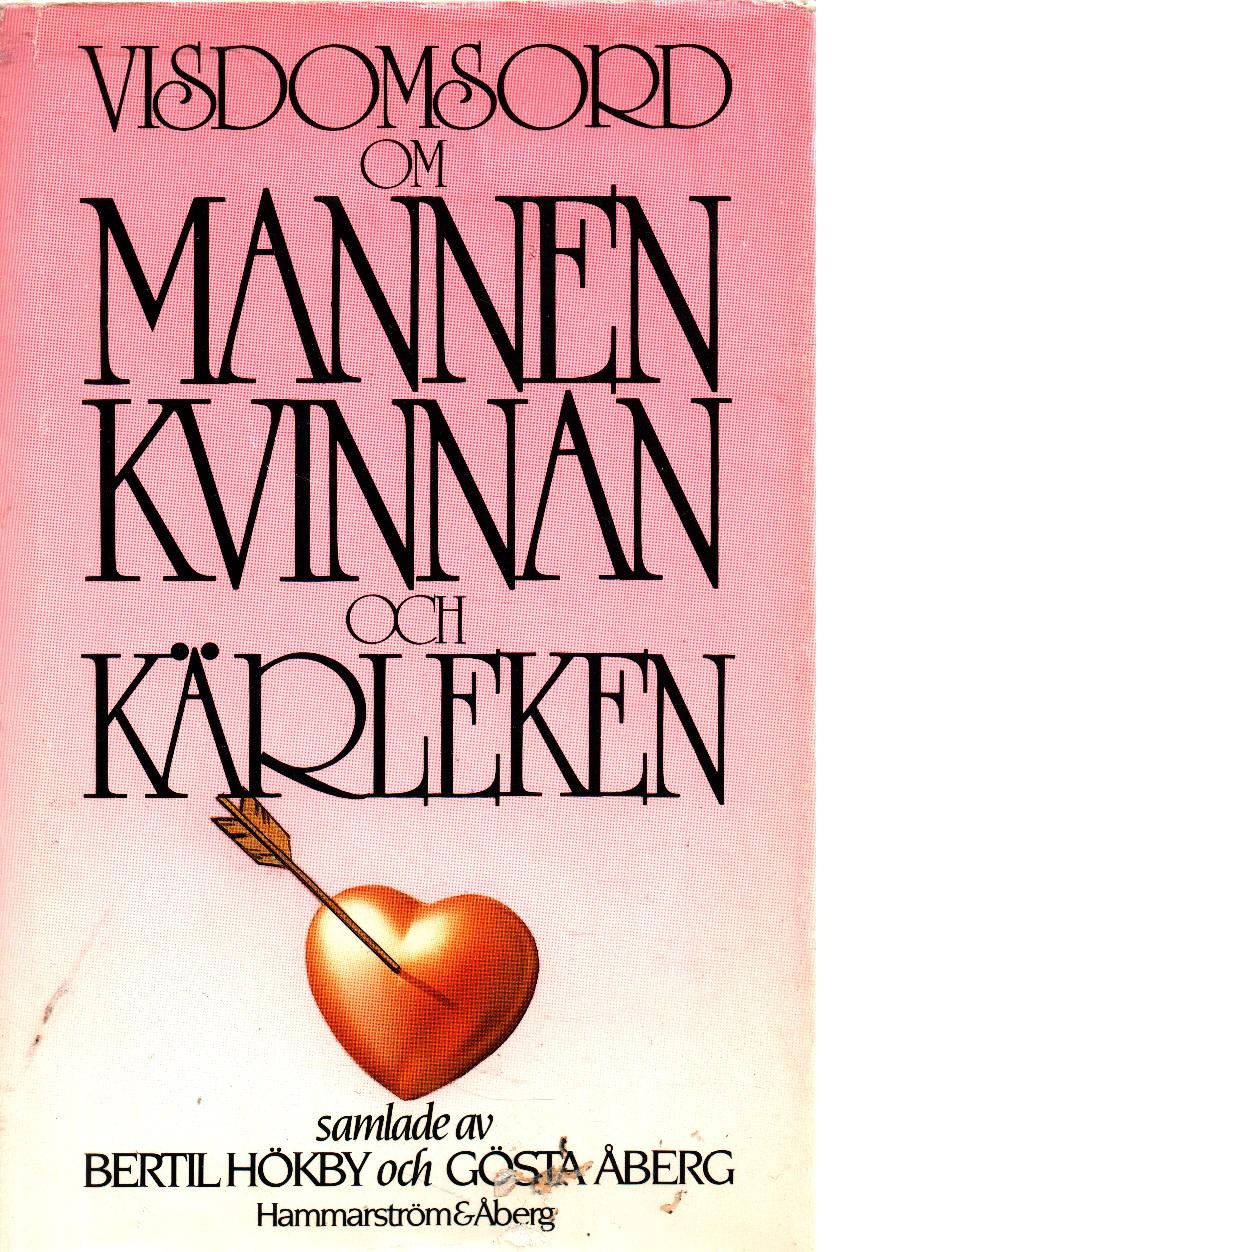 Visdomsord om mannen, kvinnan och kärleken - Red.